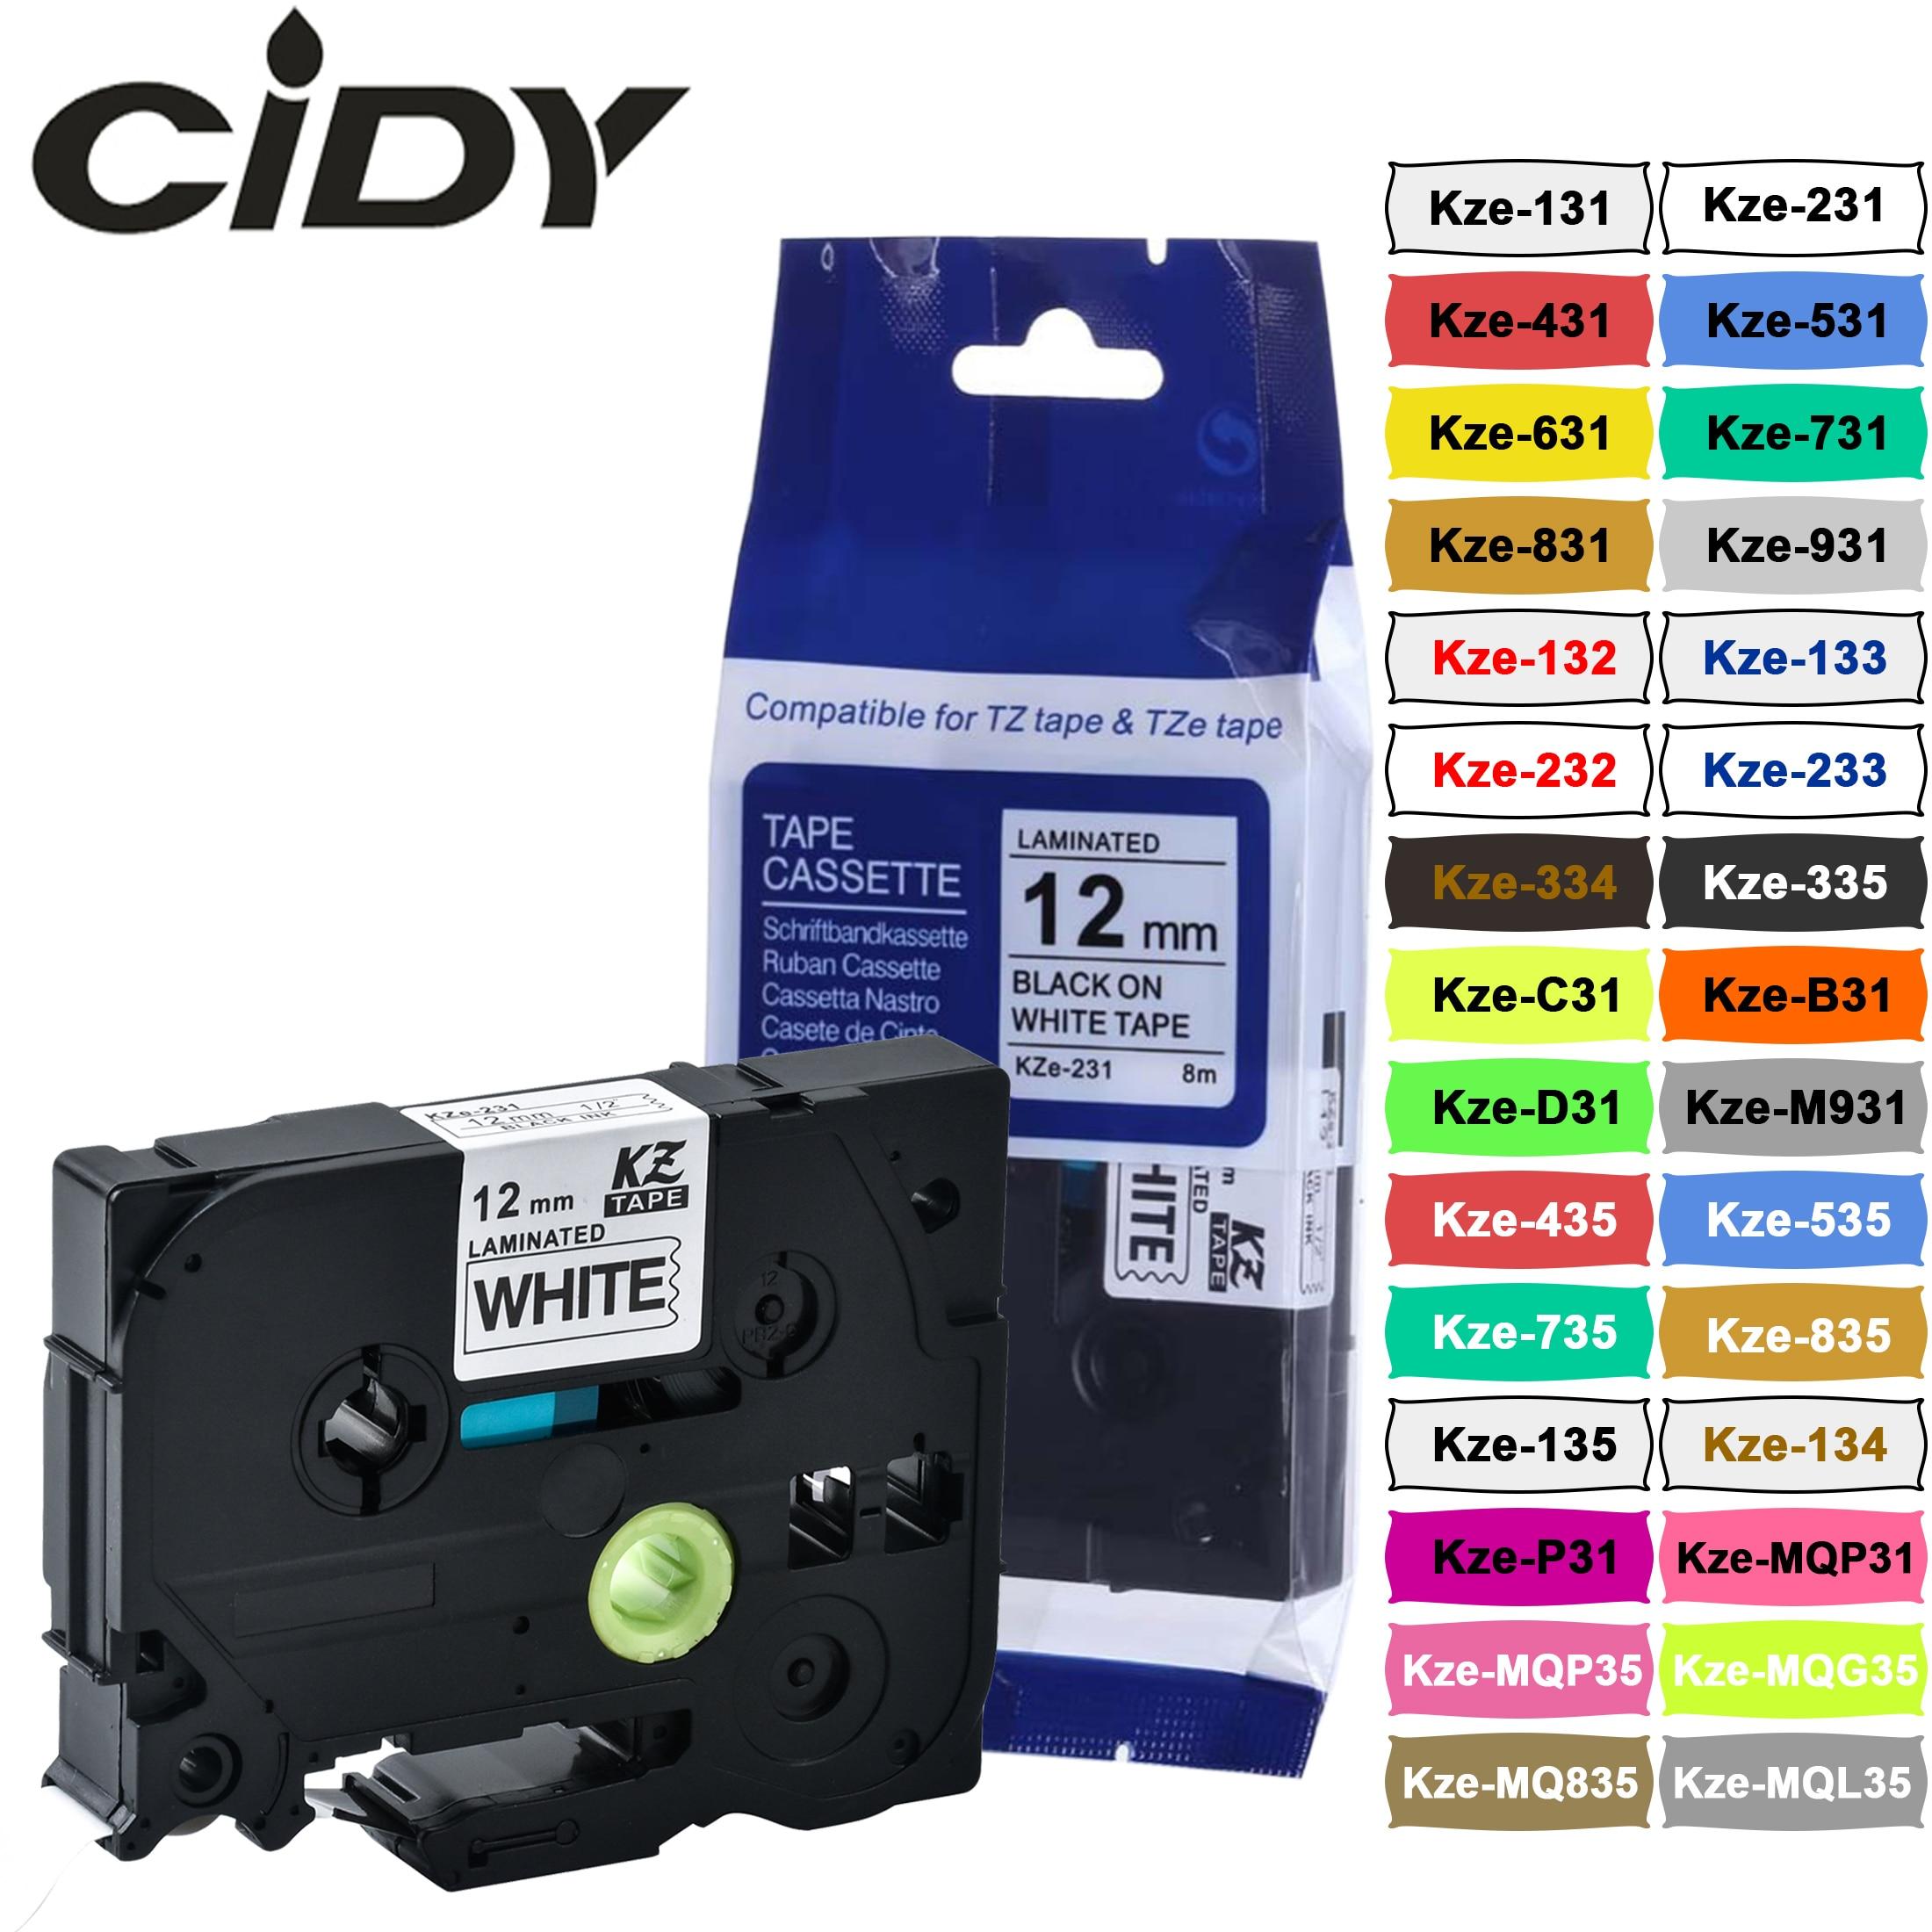 CIDY TZ231 TZ 231 TZe 231 laminowany klej tz-231 tze-231 taśma z etykietami P Touch czarny na białym kompatybilny dla brata tze-131 631